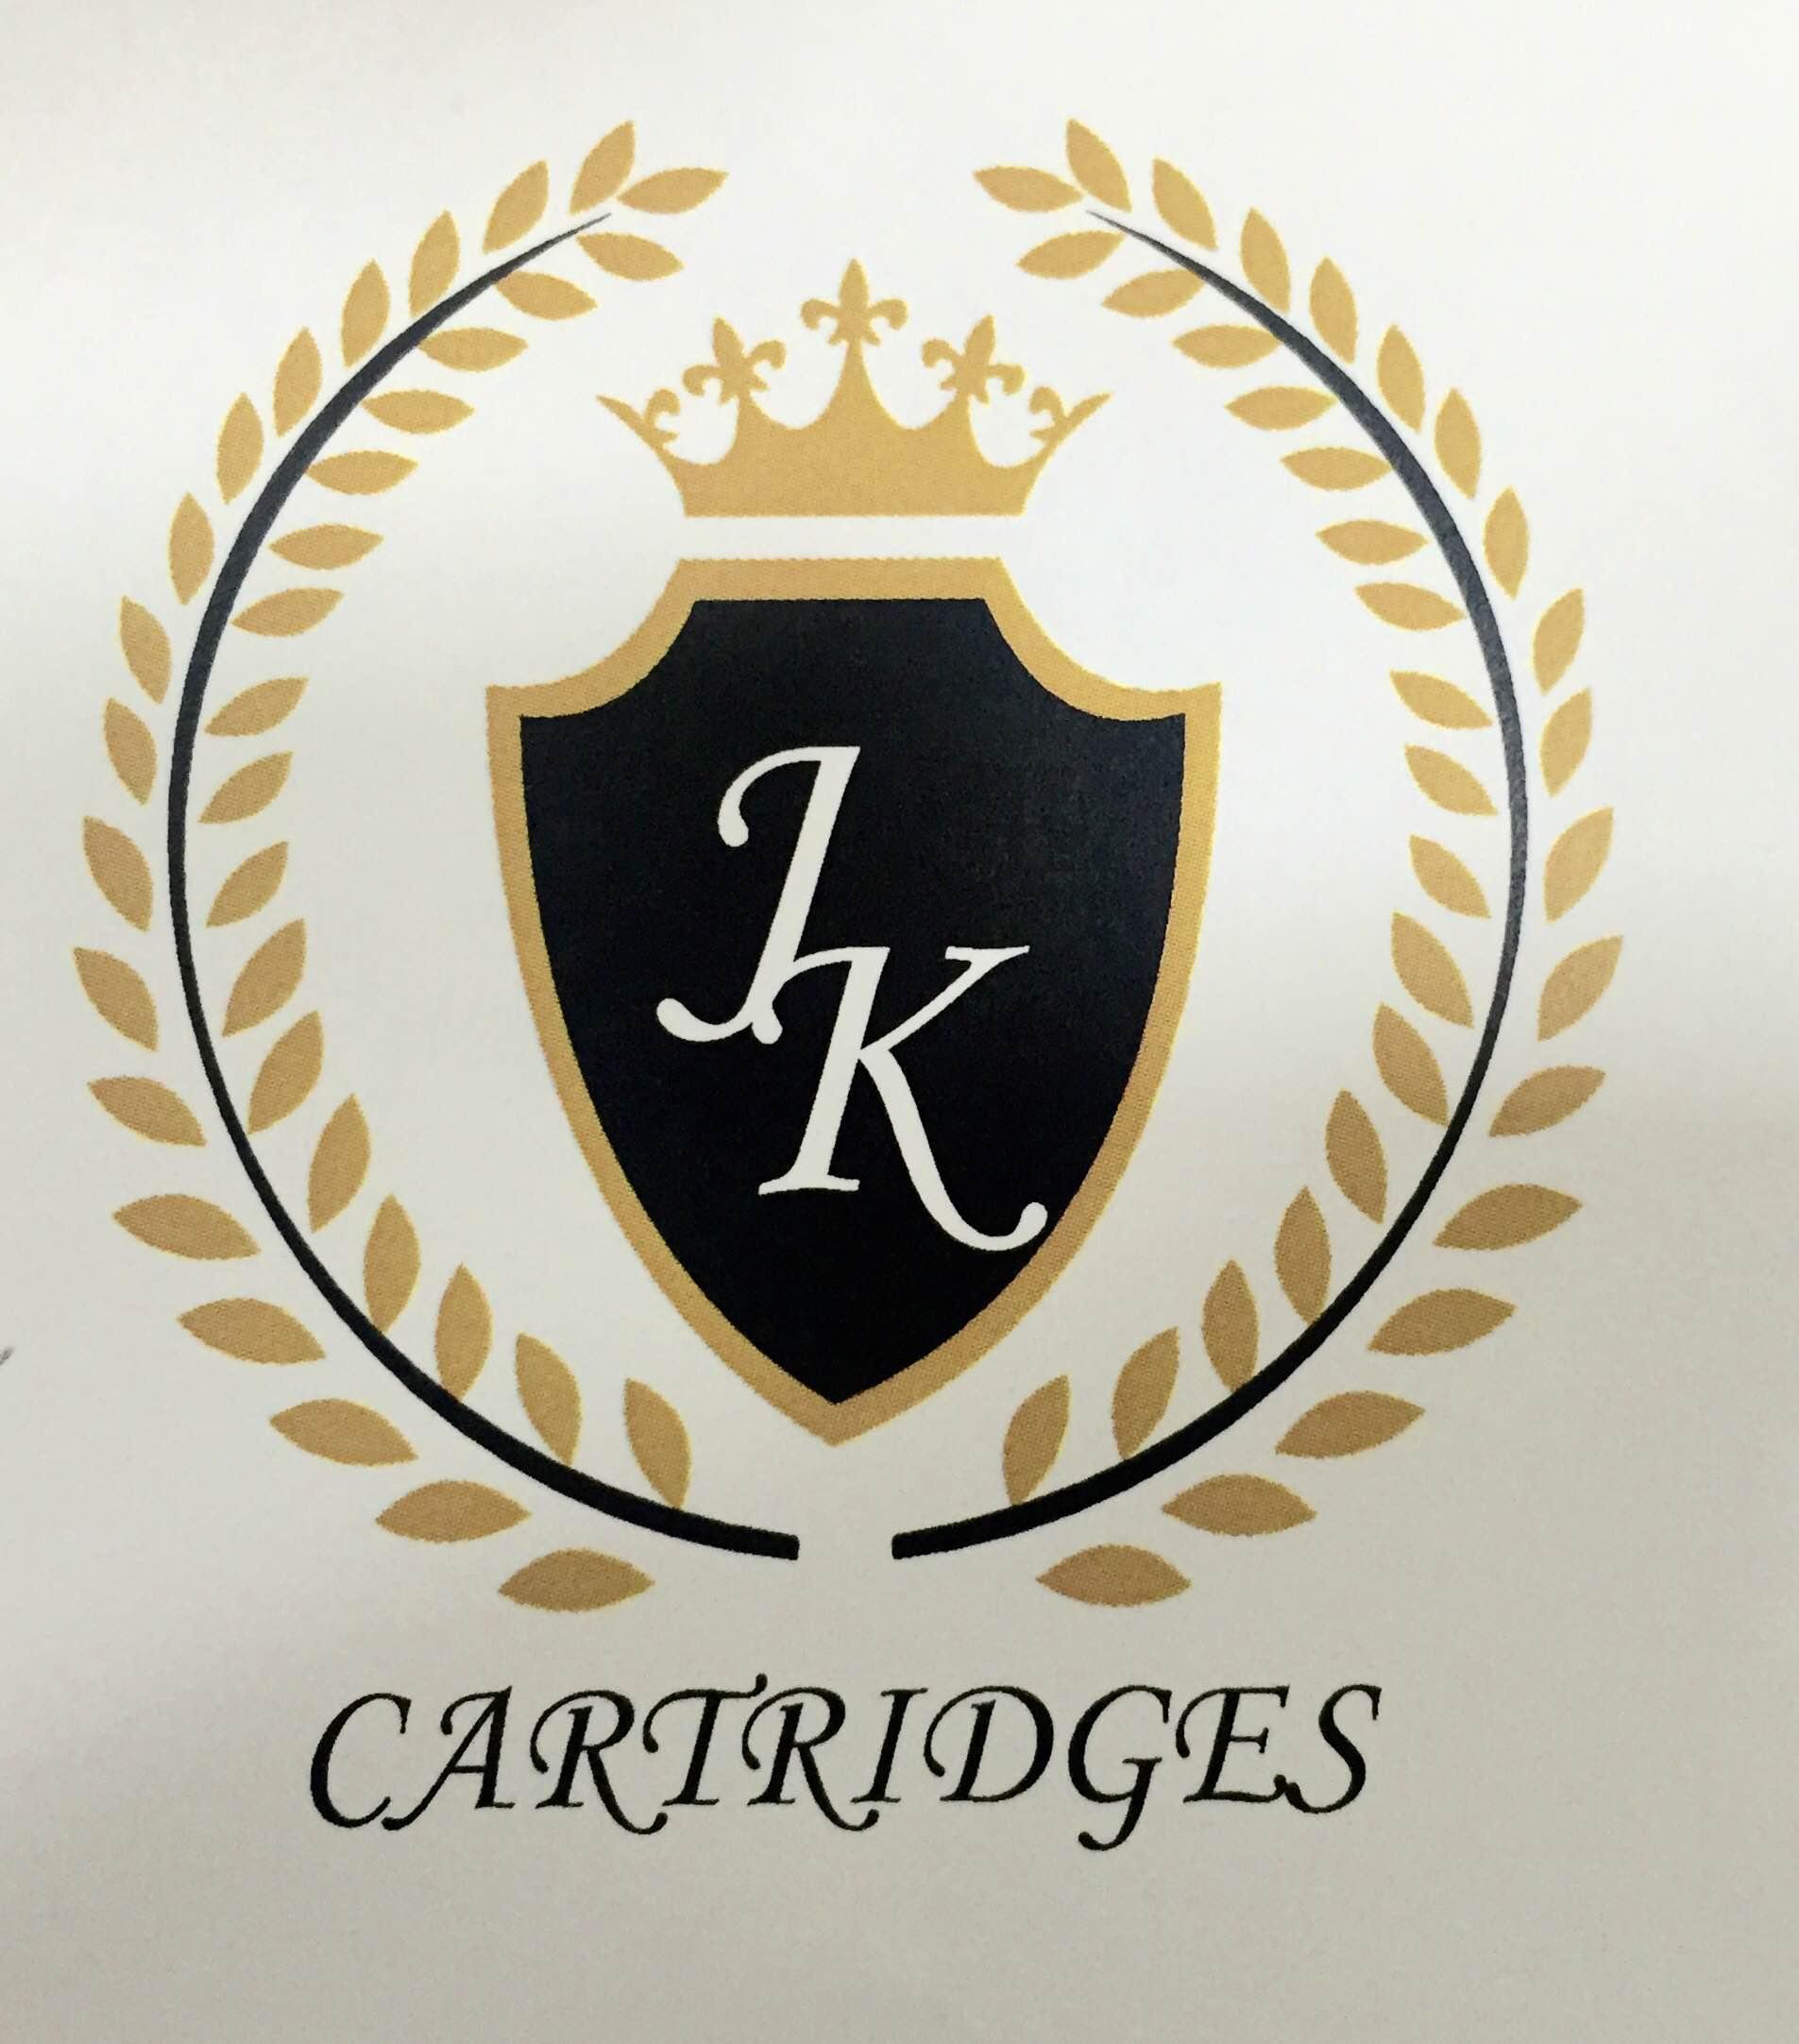 JK CARTRIDGE - logo